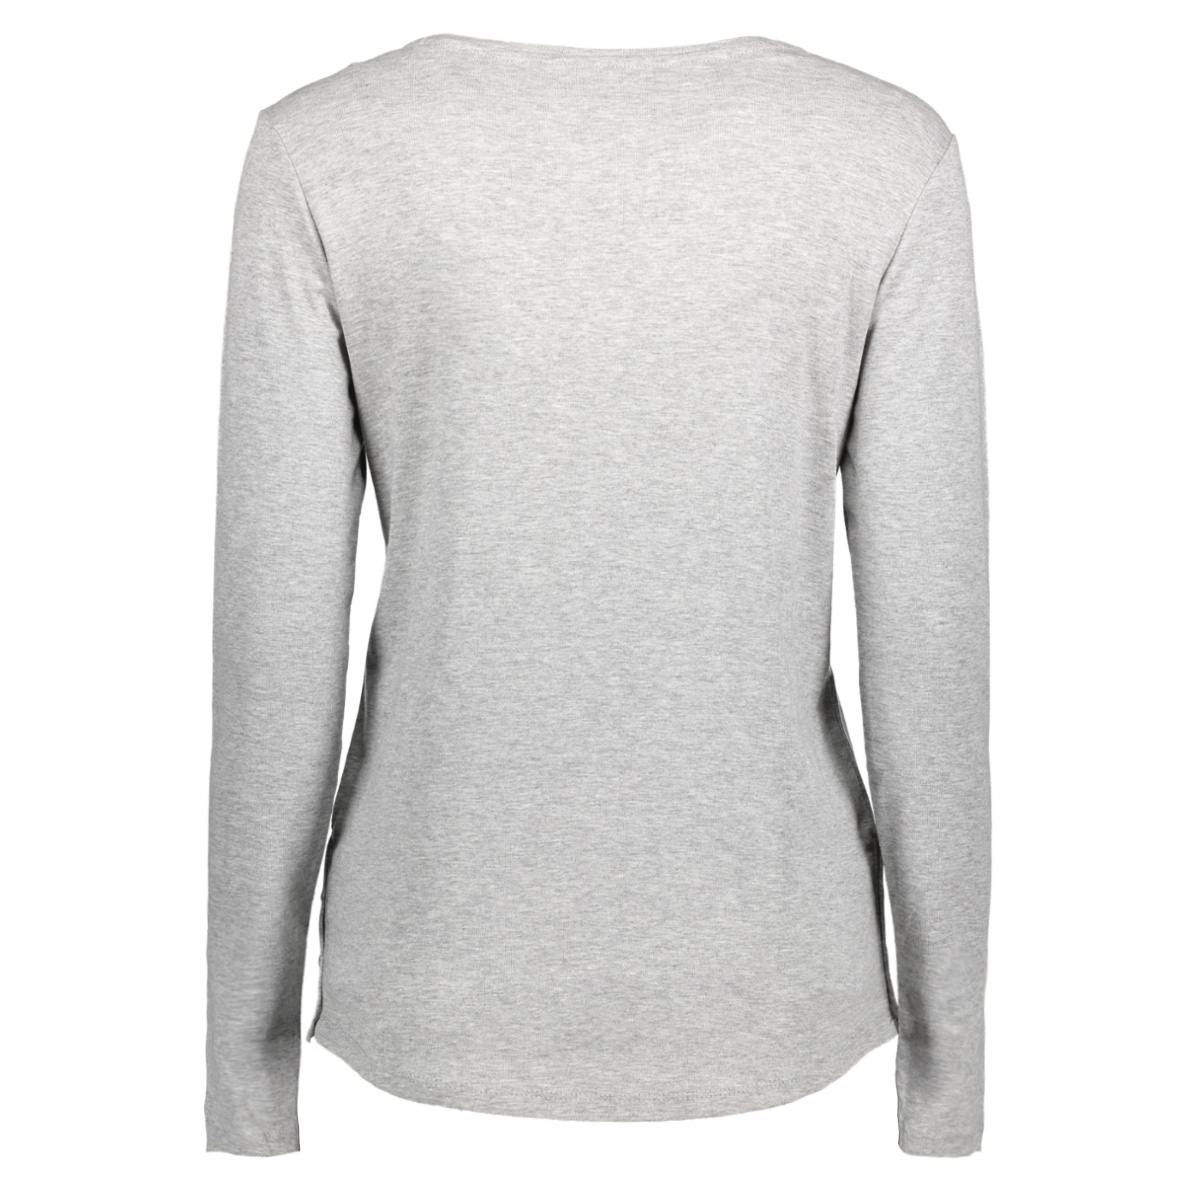 127cc1k108 edc t-shirt c039